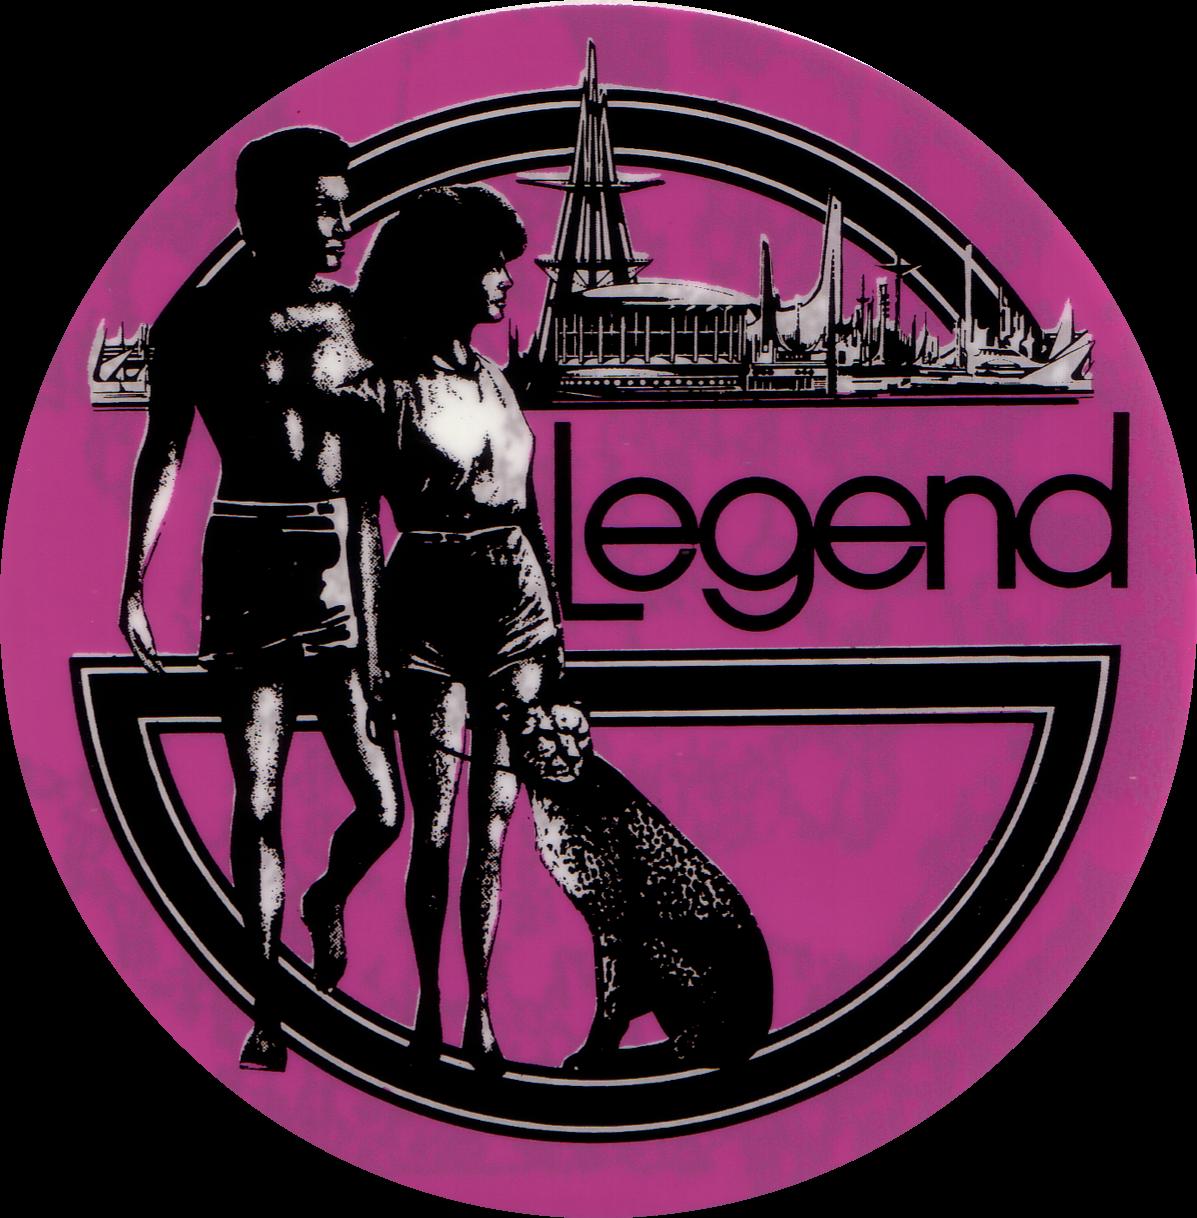 Legend Window sticker